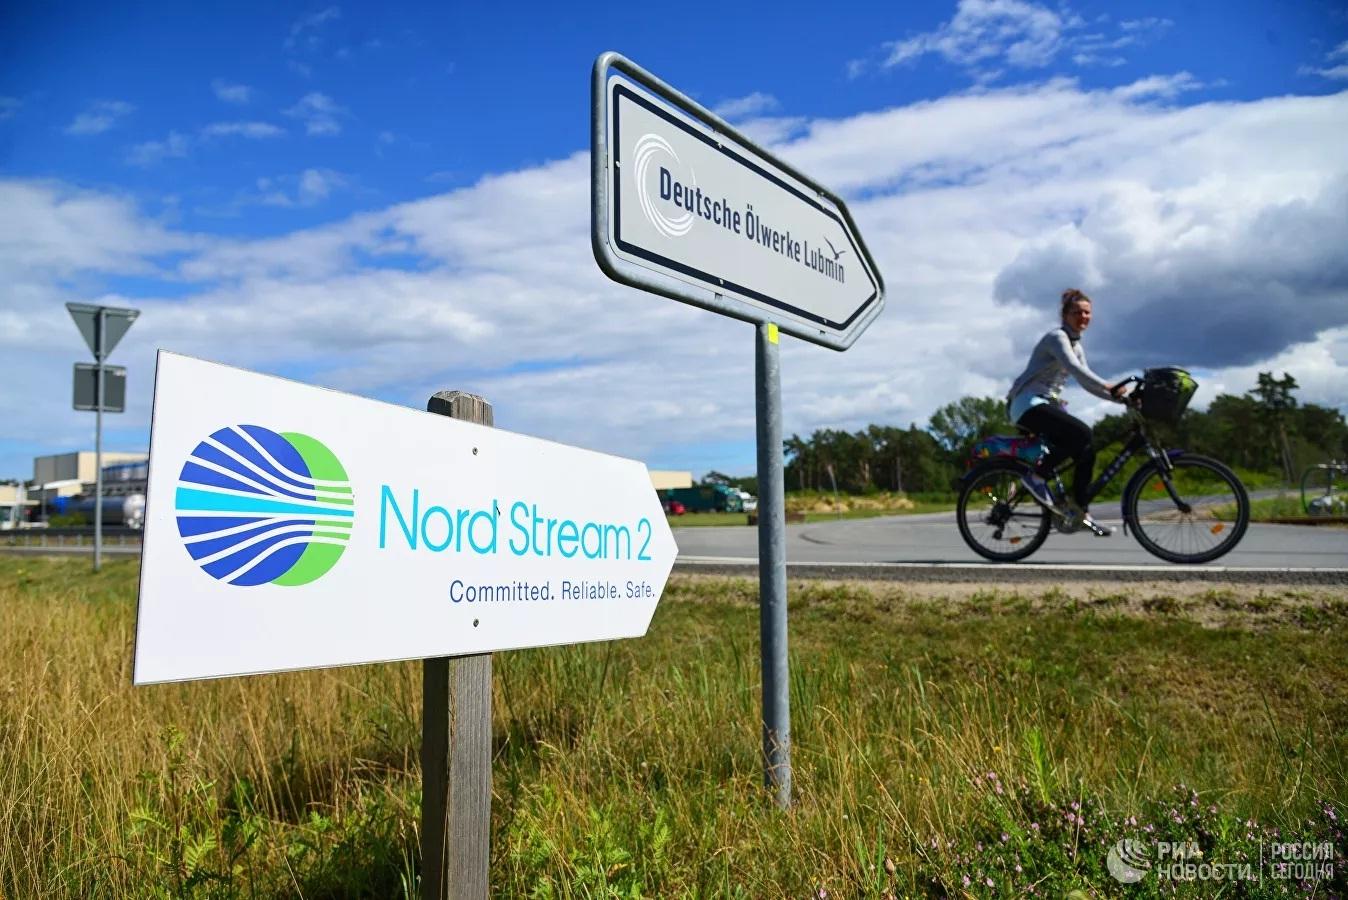 Mỹ có 'động thái lạ' với Nord Stream 2